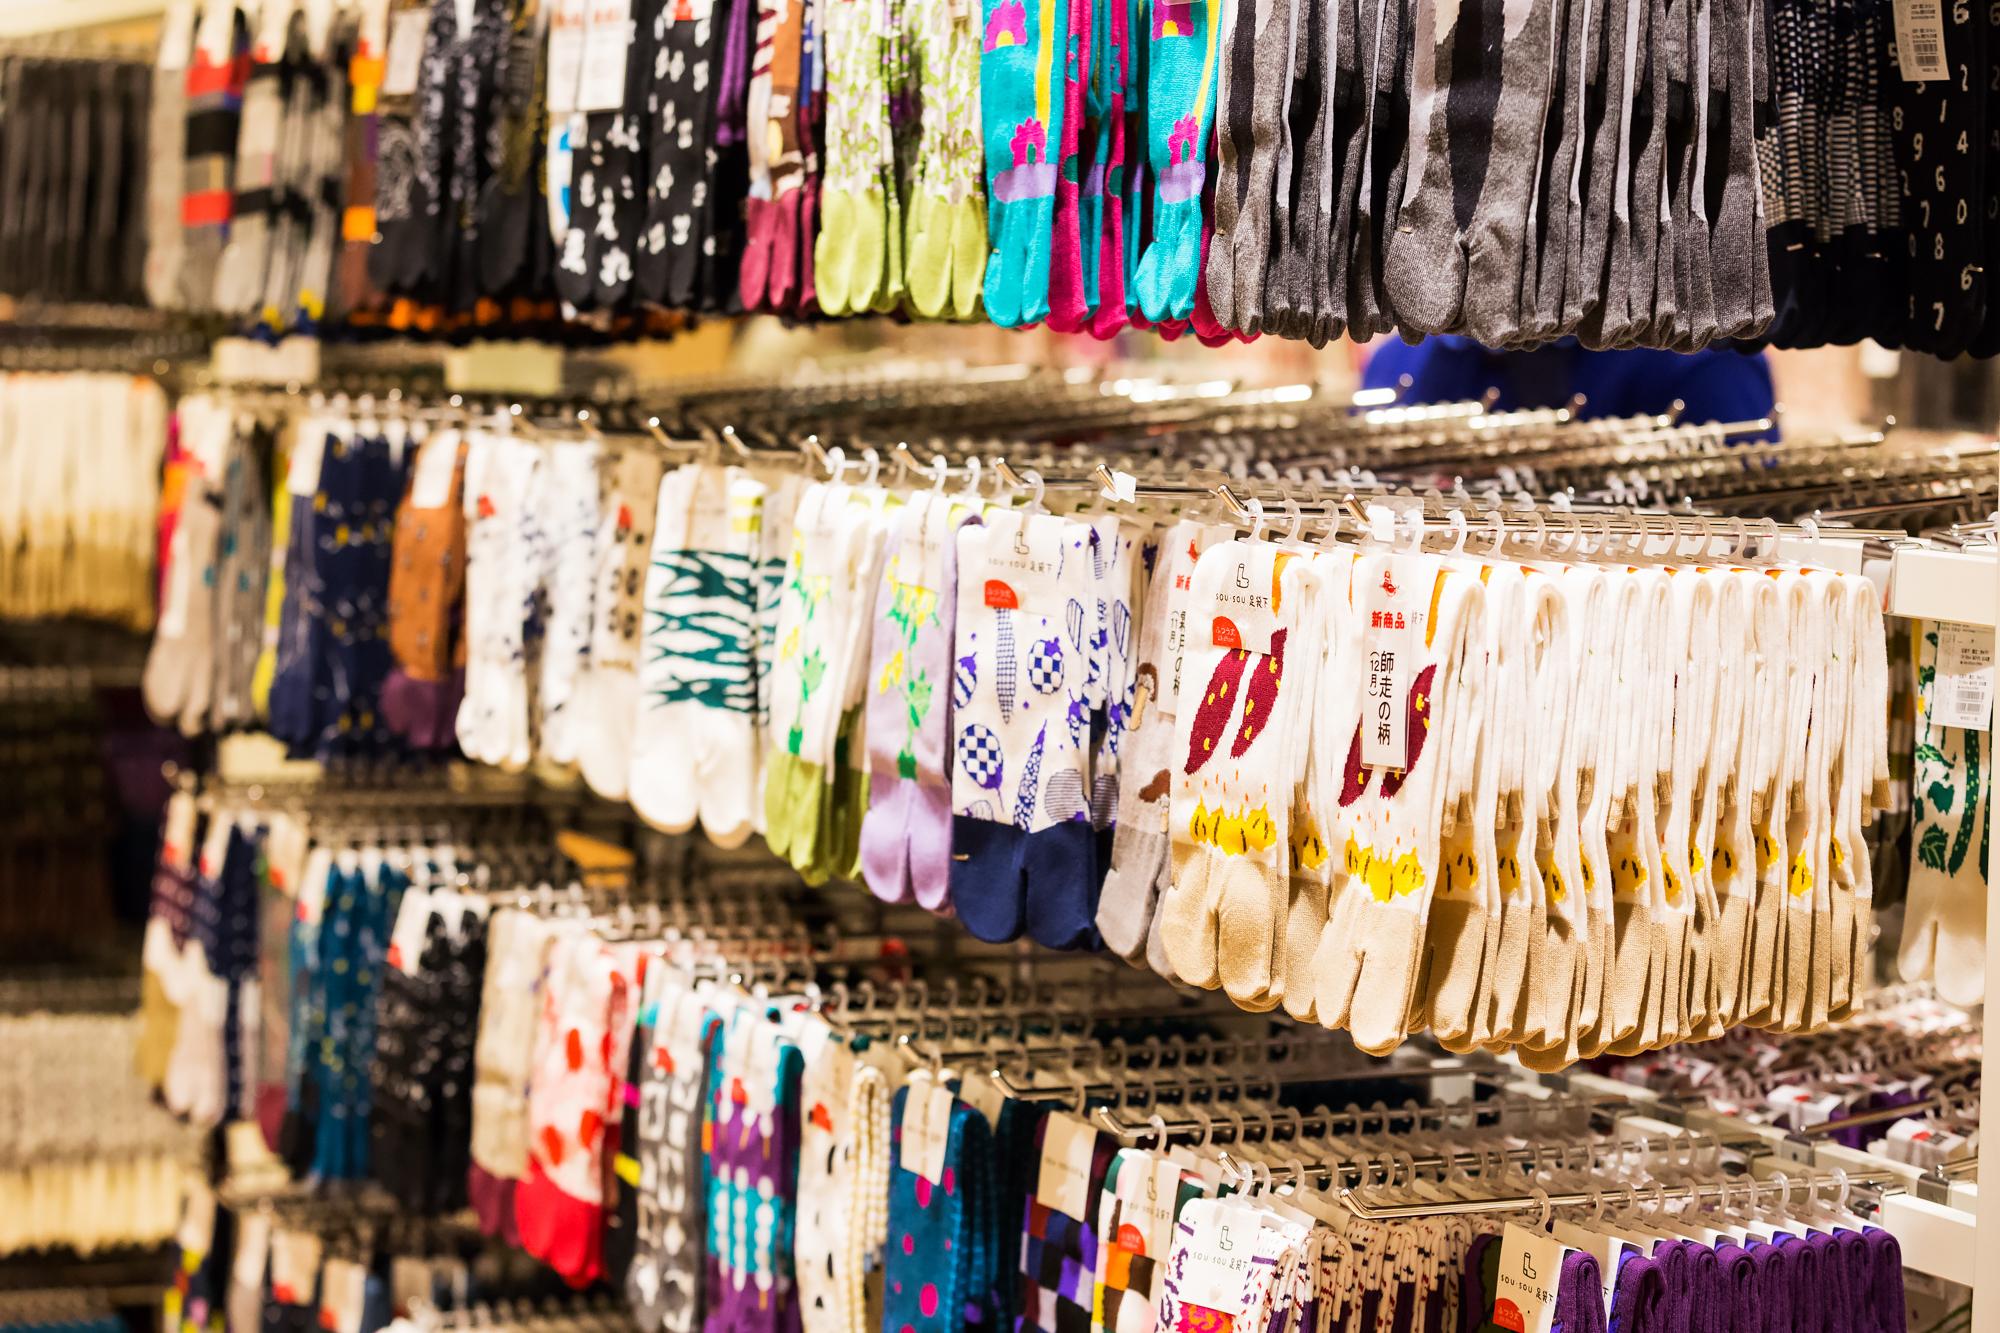 UNIQLOコラボでおなじみのテキスタイル雑貨、和服のSOU・SOU(ソウソウ)